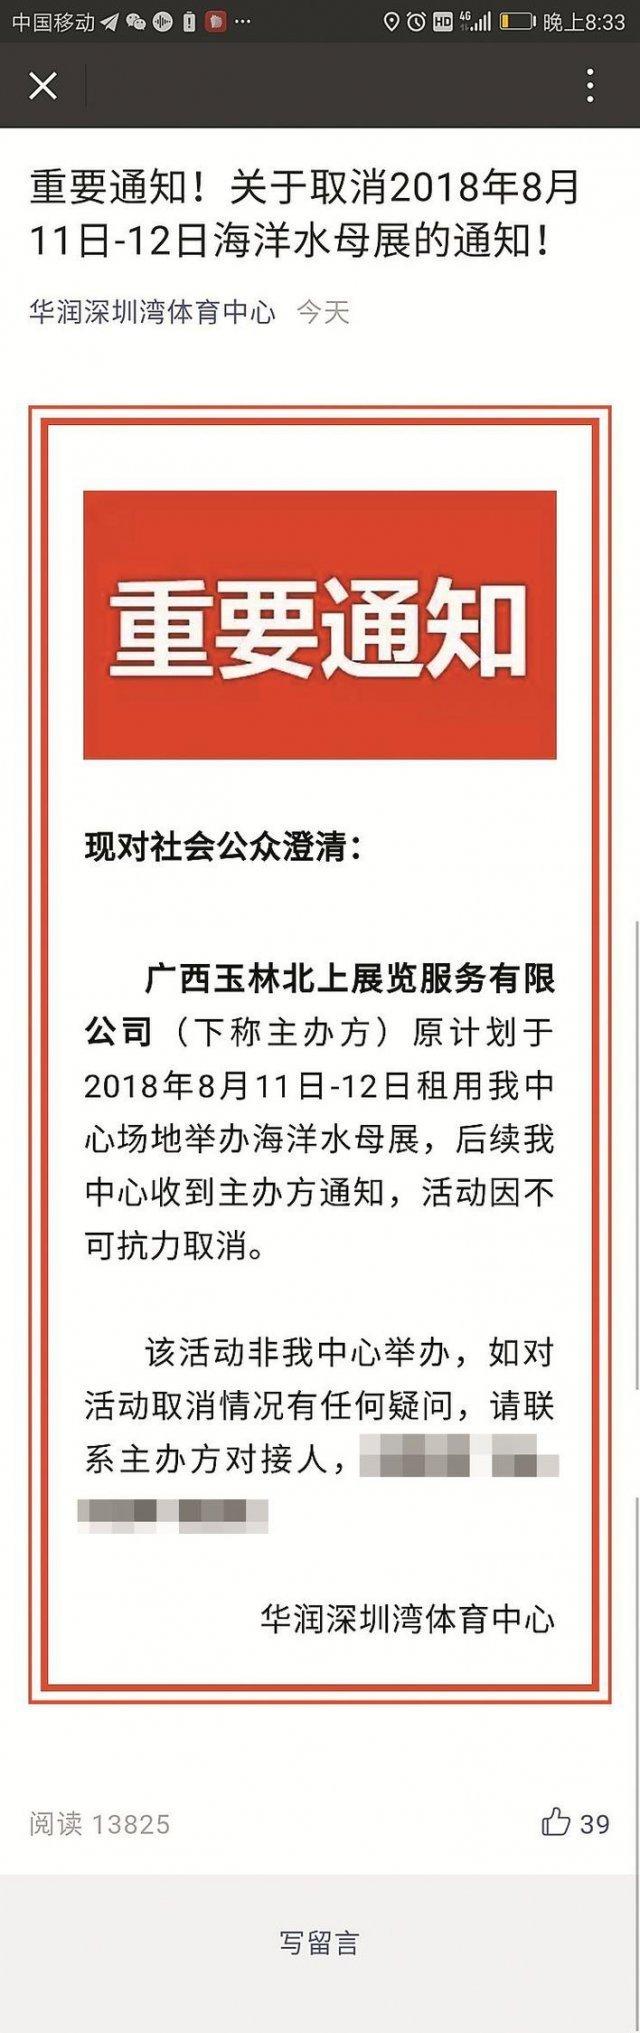 """南山""""新海洋公园""""来了,门票免费送?假的!其公号已被屏蔽青岛美术馆近期展览"""